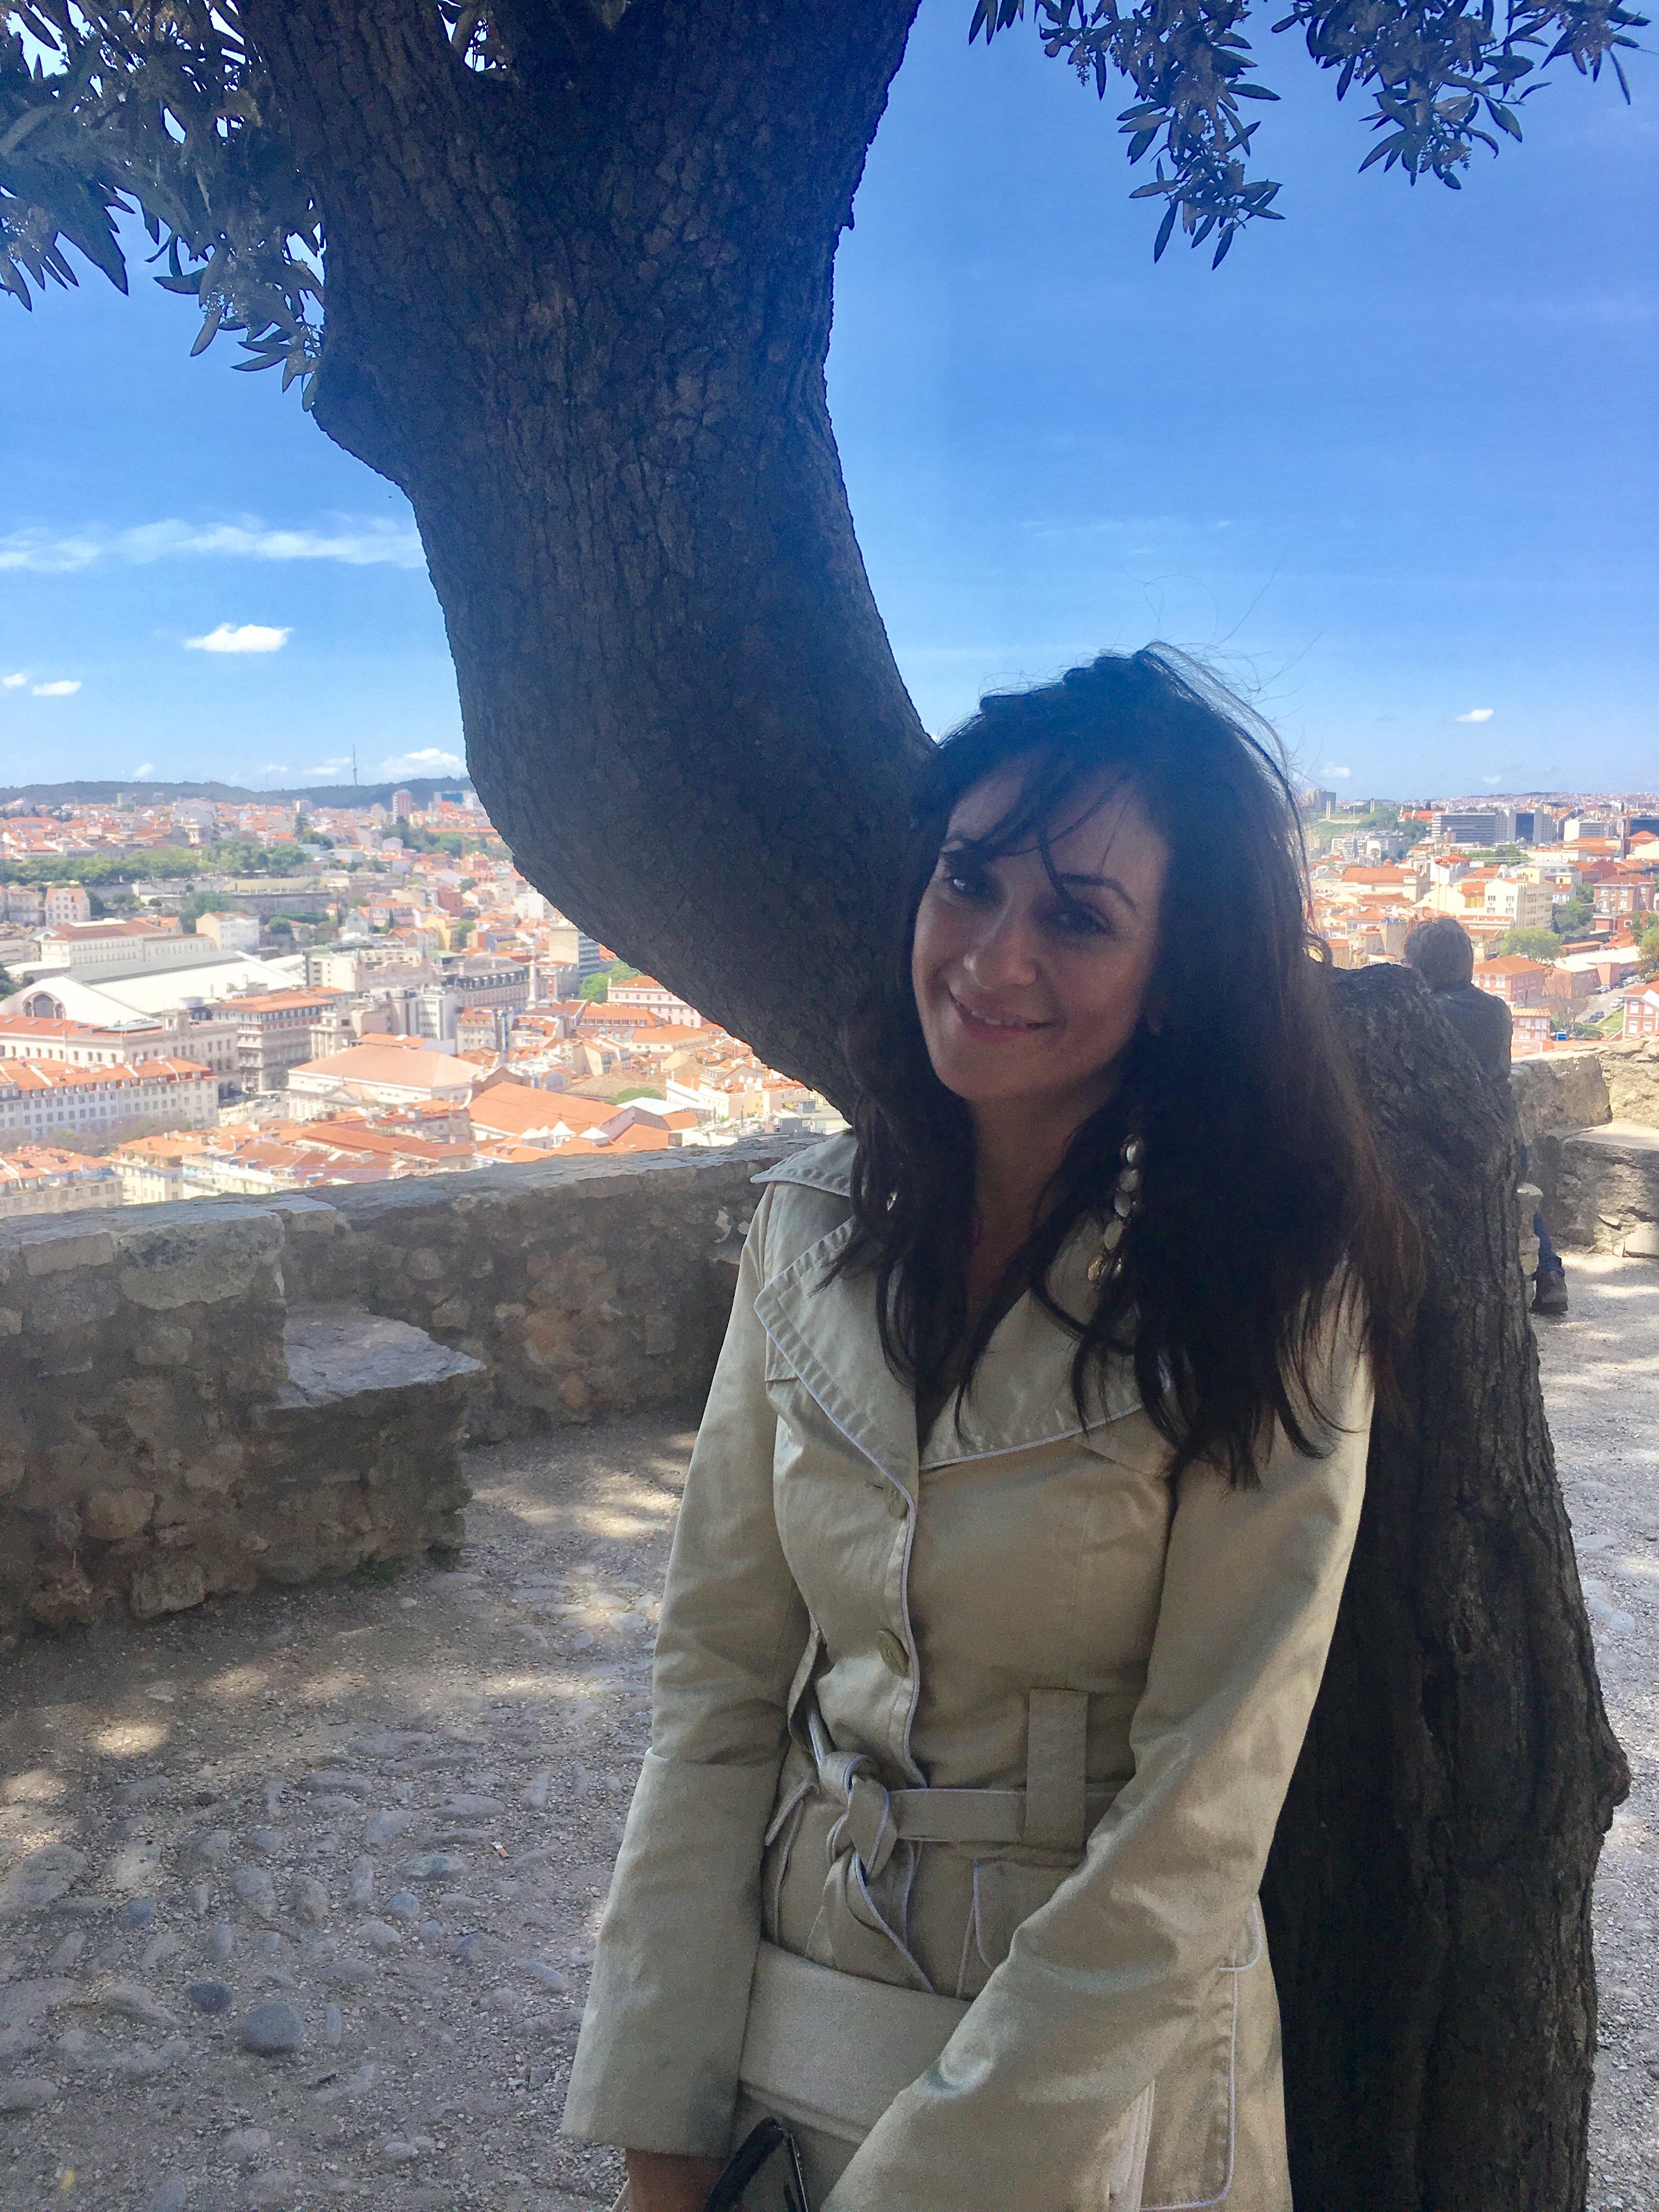 At Castelo de Sao Jorge with Mr. Big